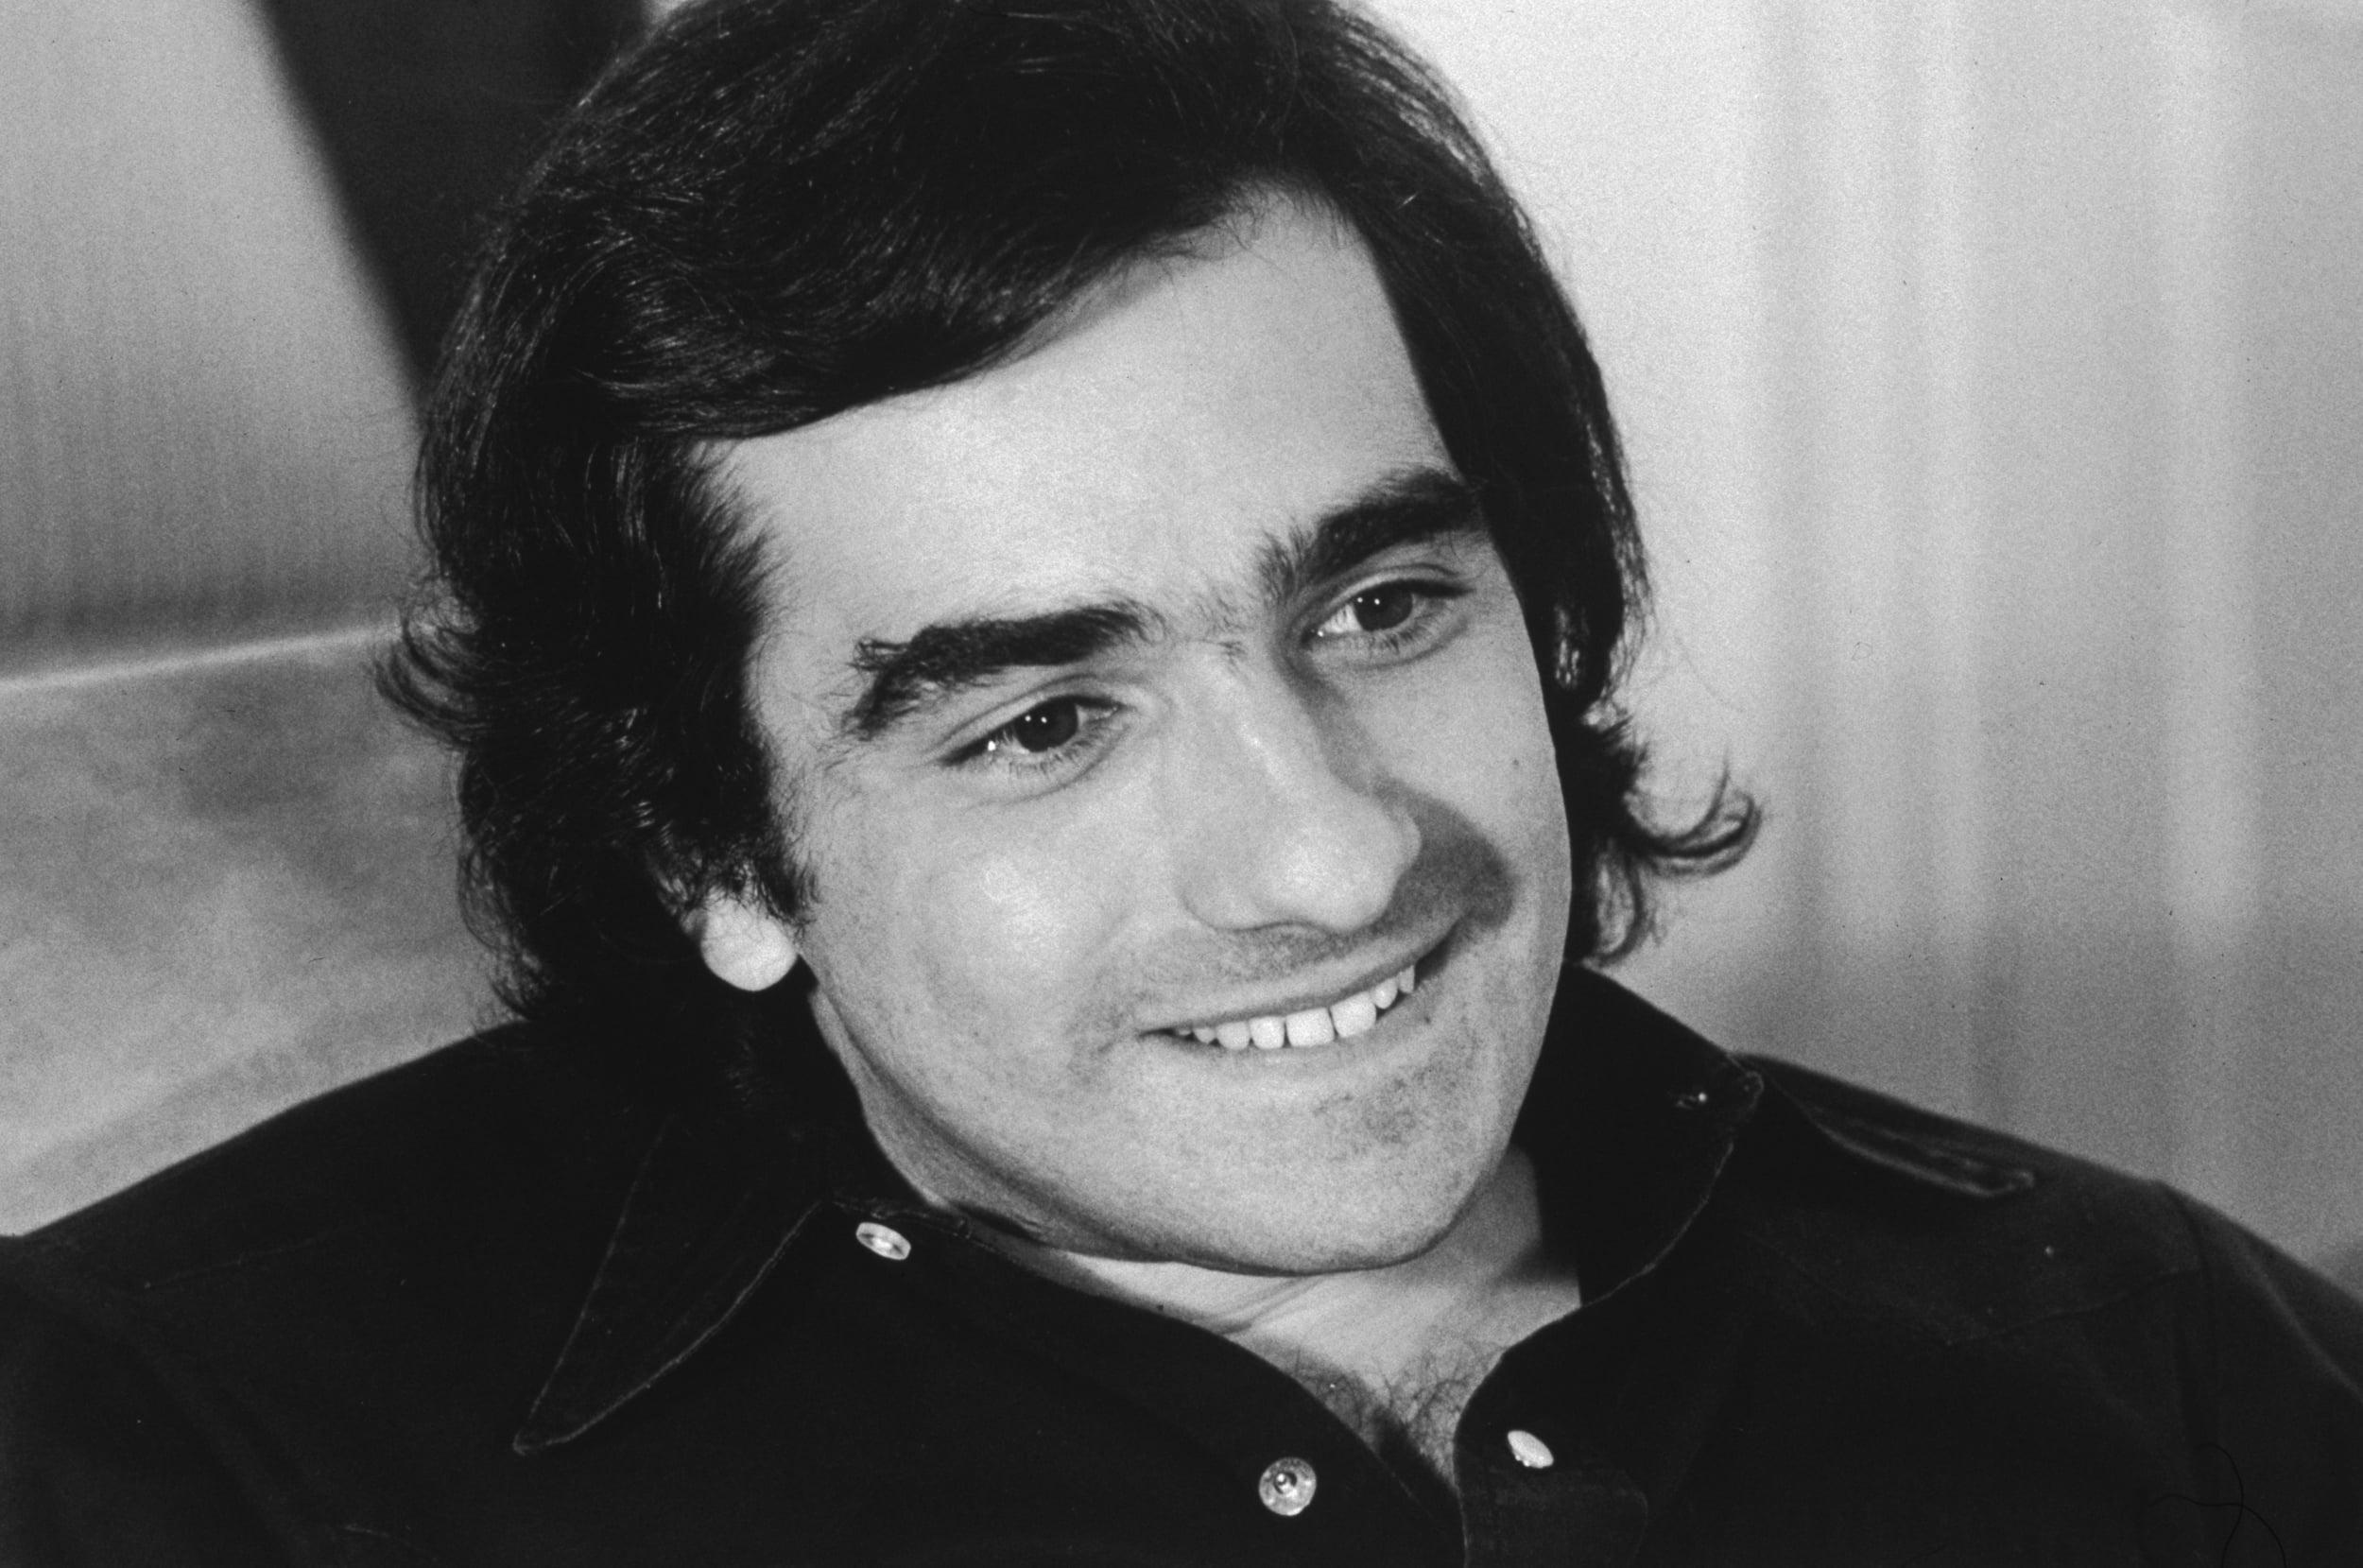 Martin Scorsese eğitim yılları